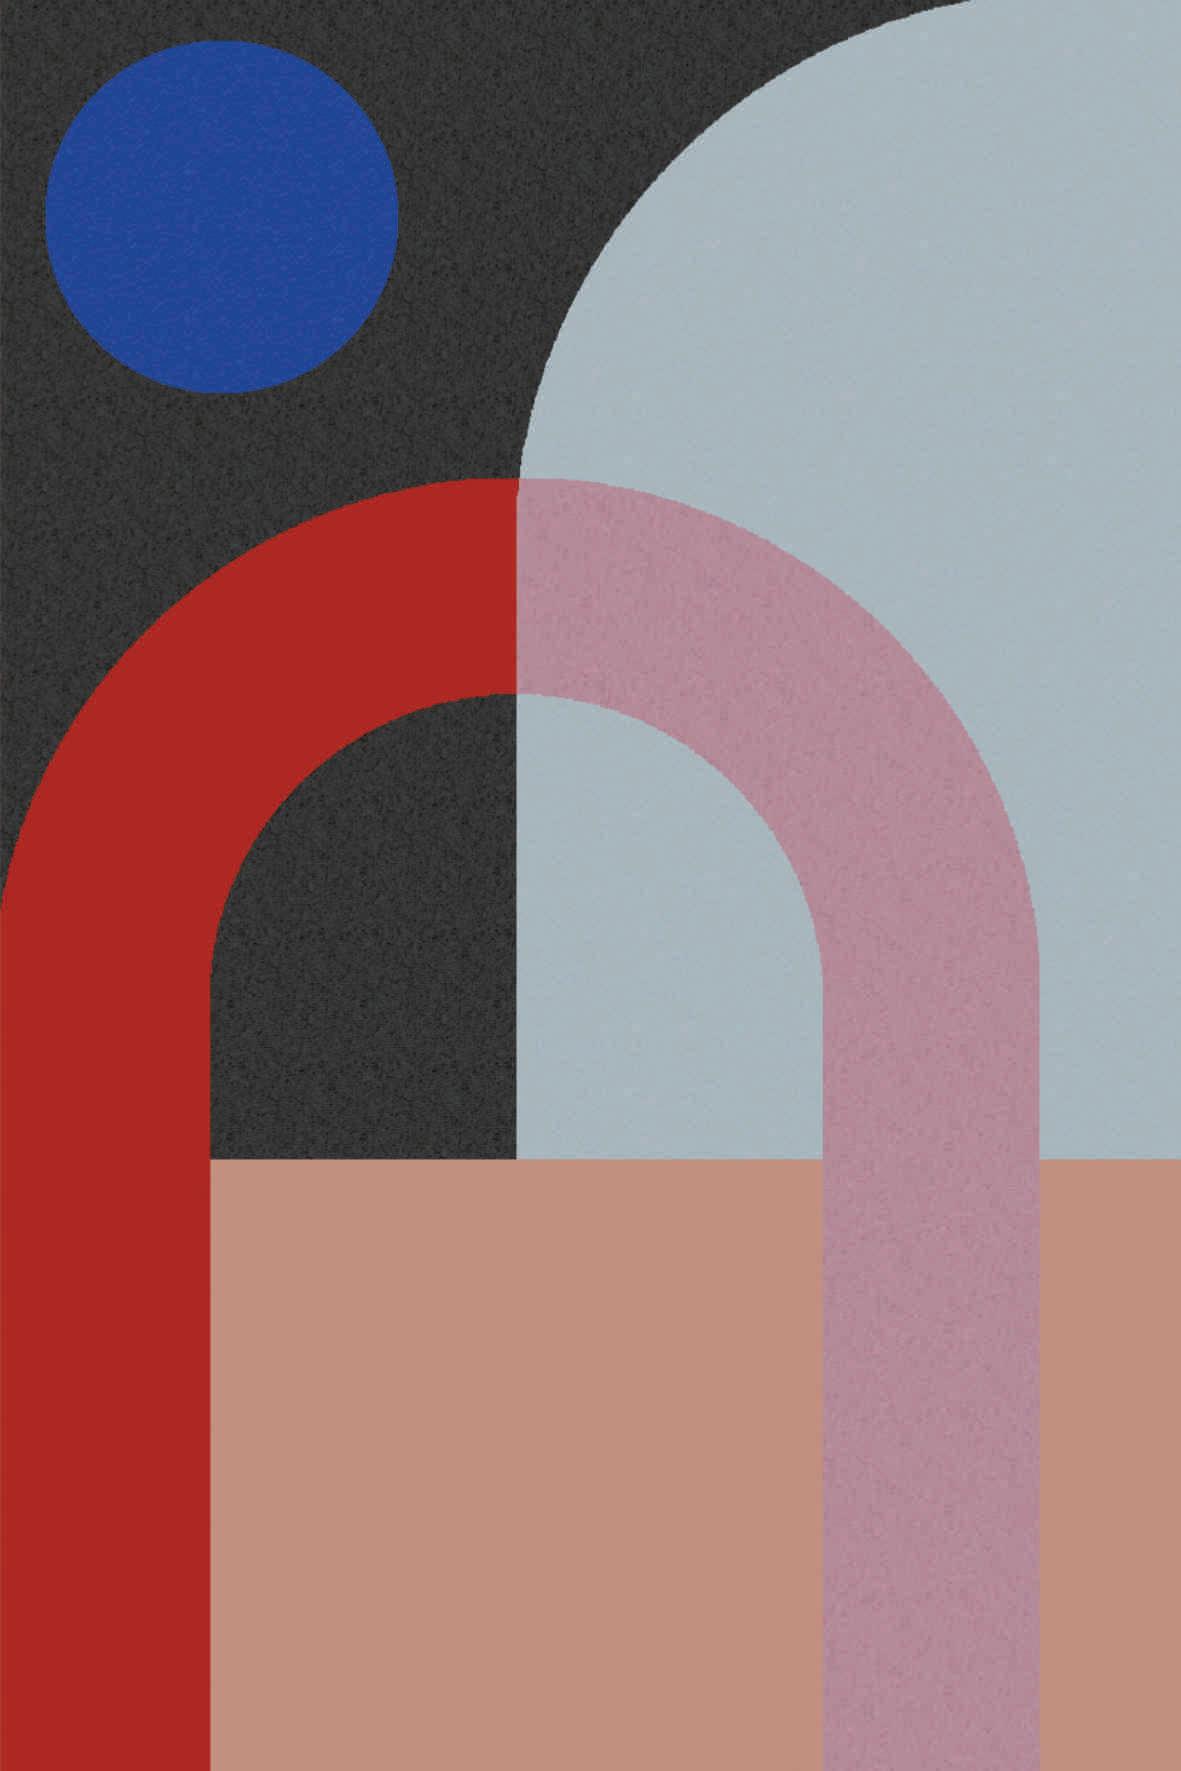 03 | Haus - Aimee Munro